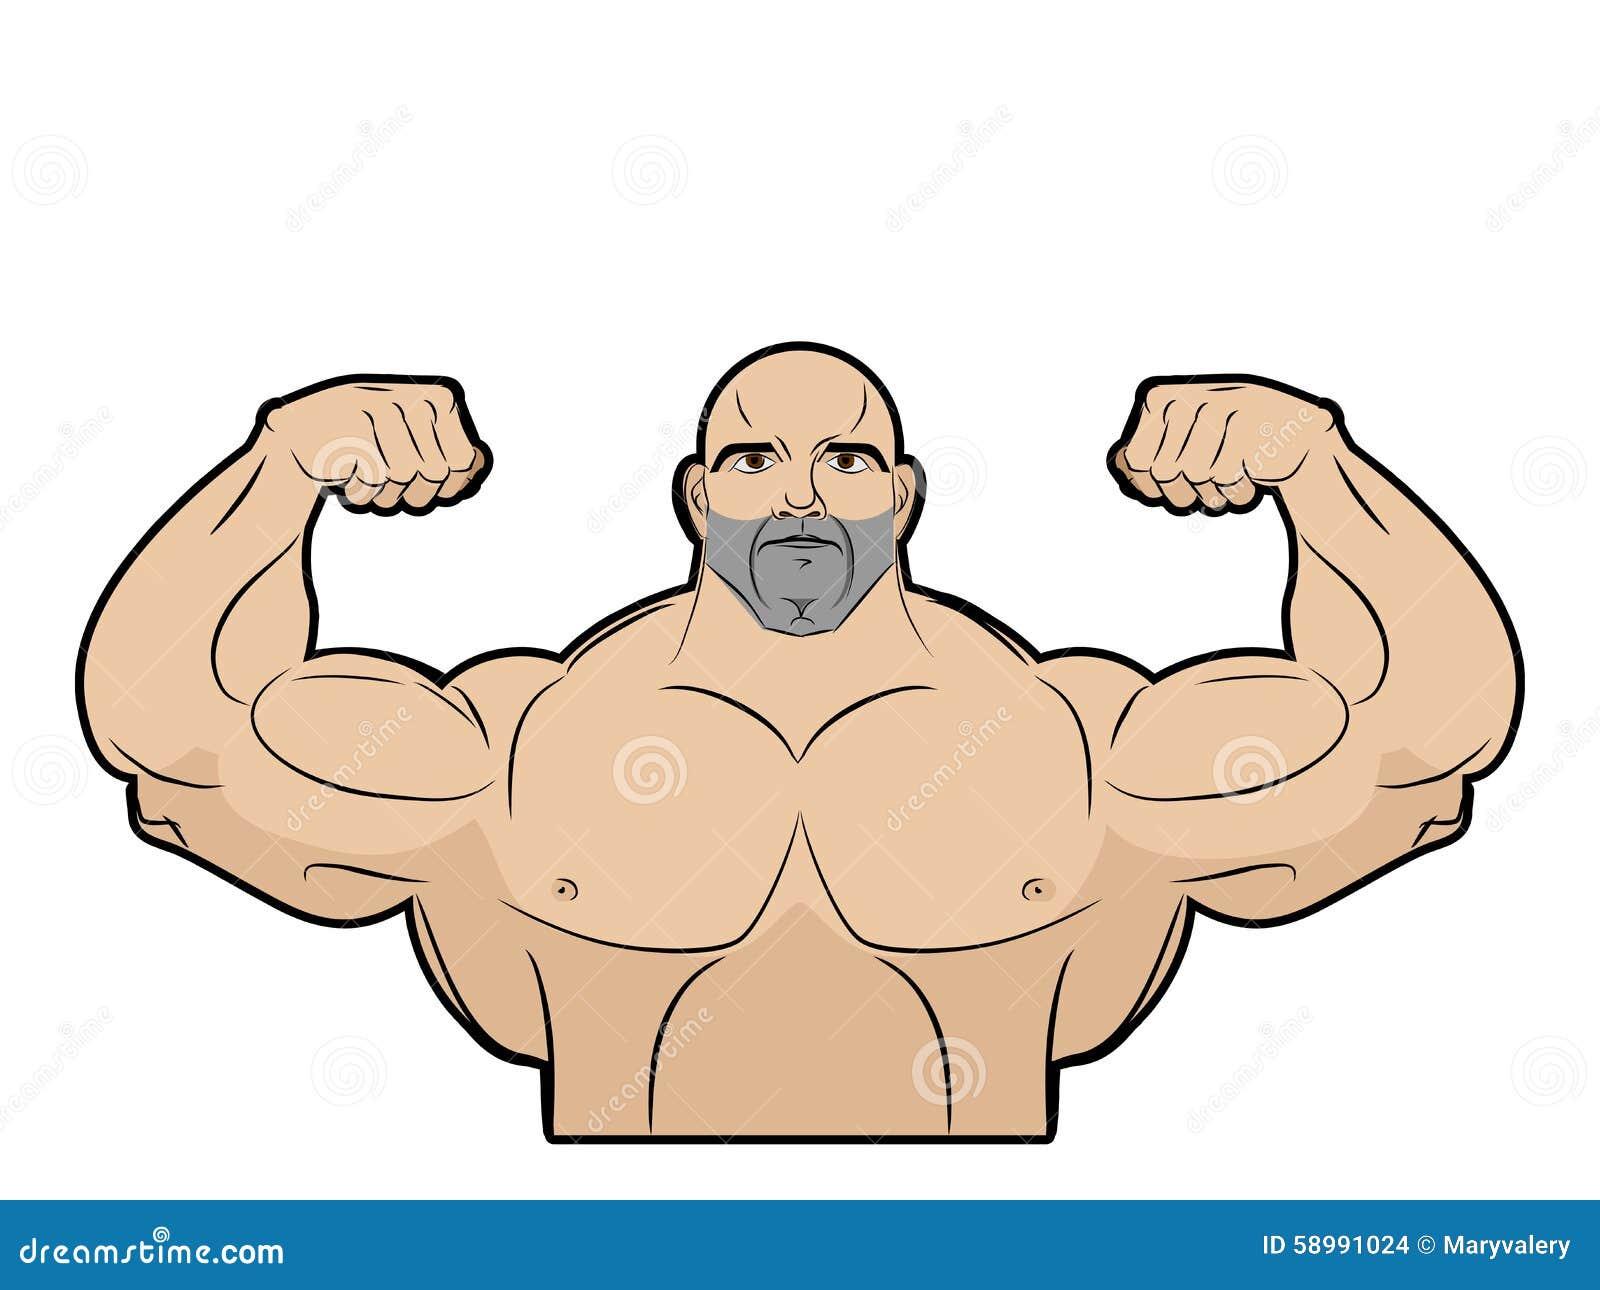 白色背景的爱好健美者 有大肌肉的运动员 重婚图片